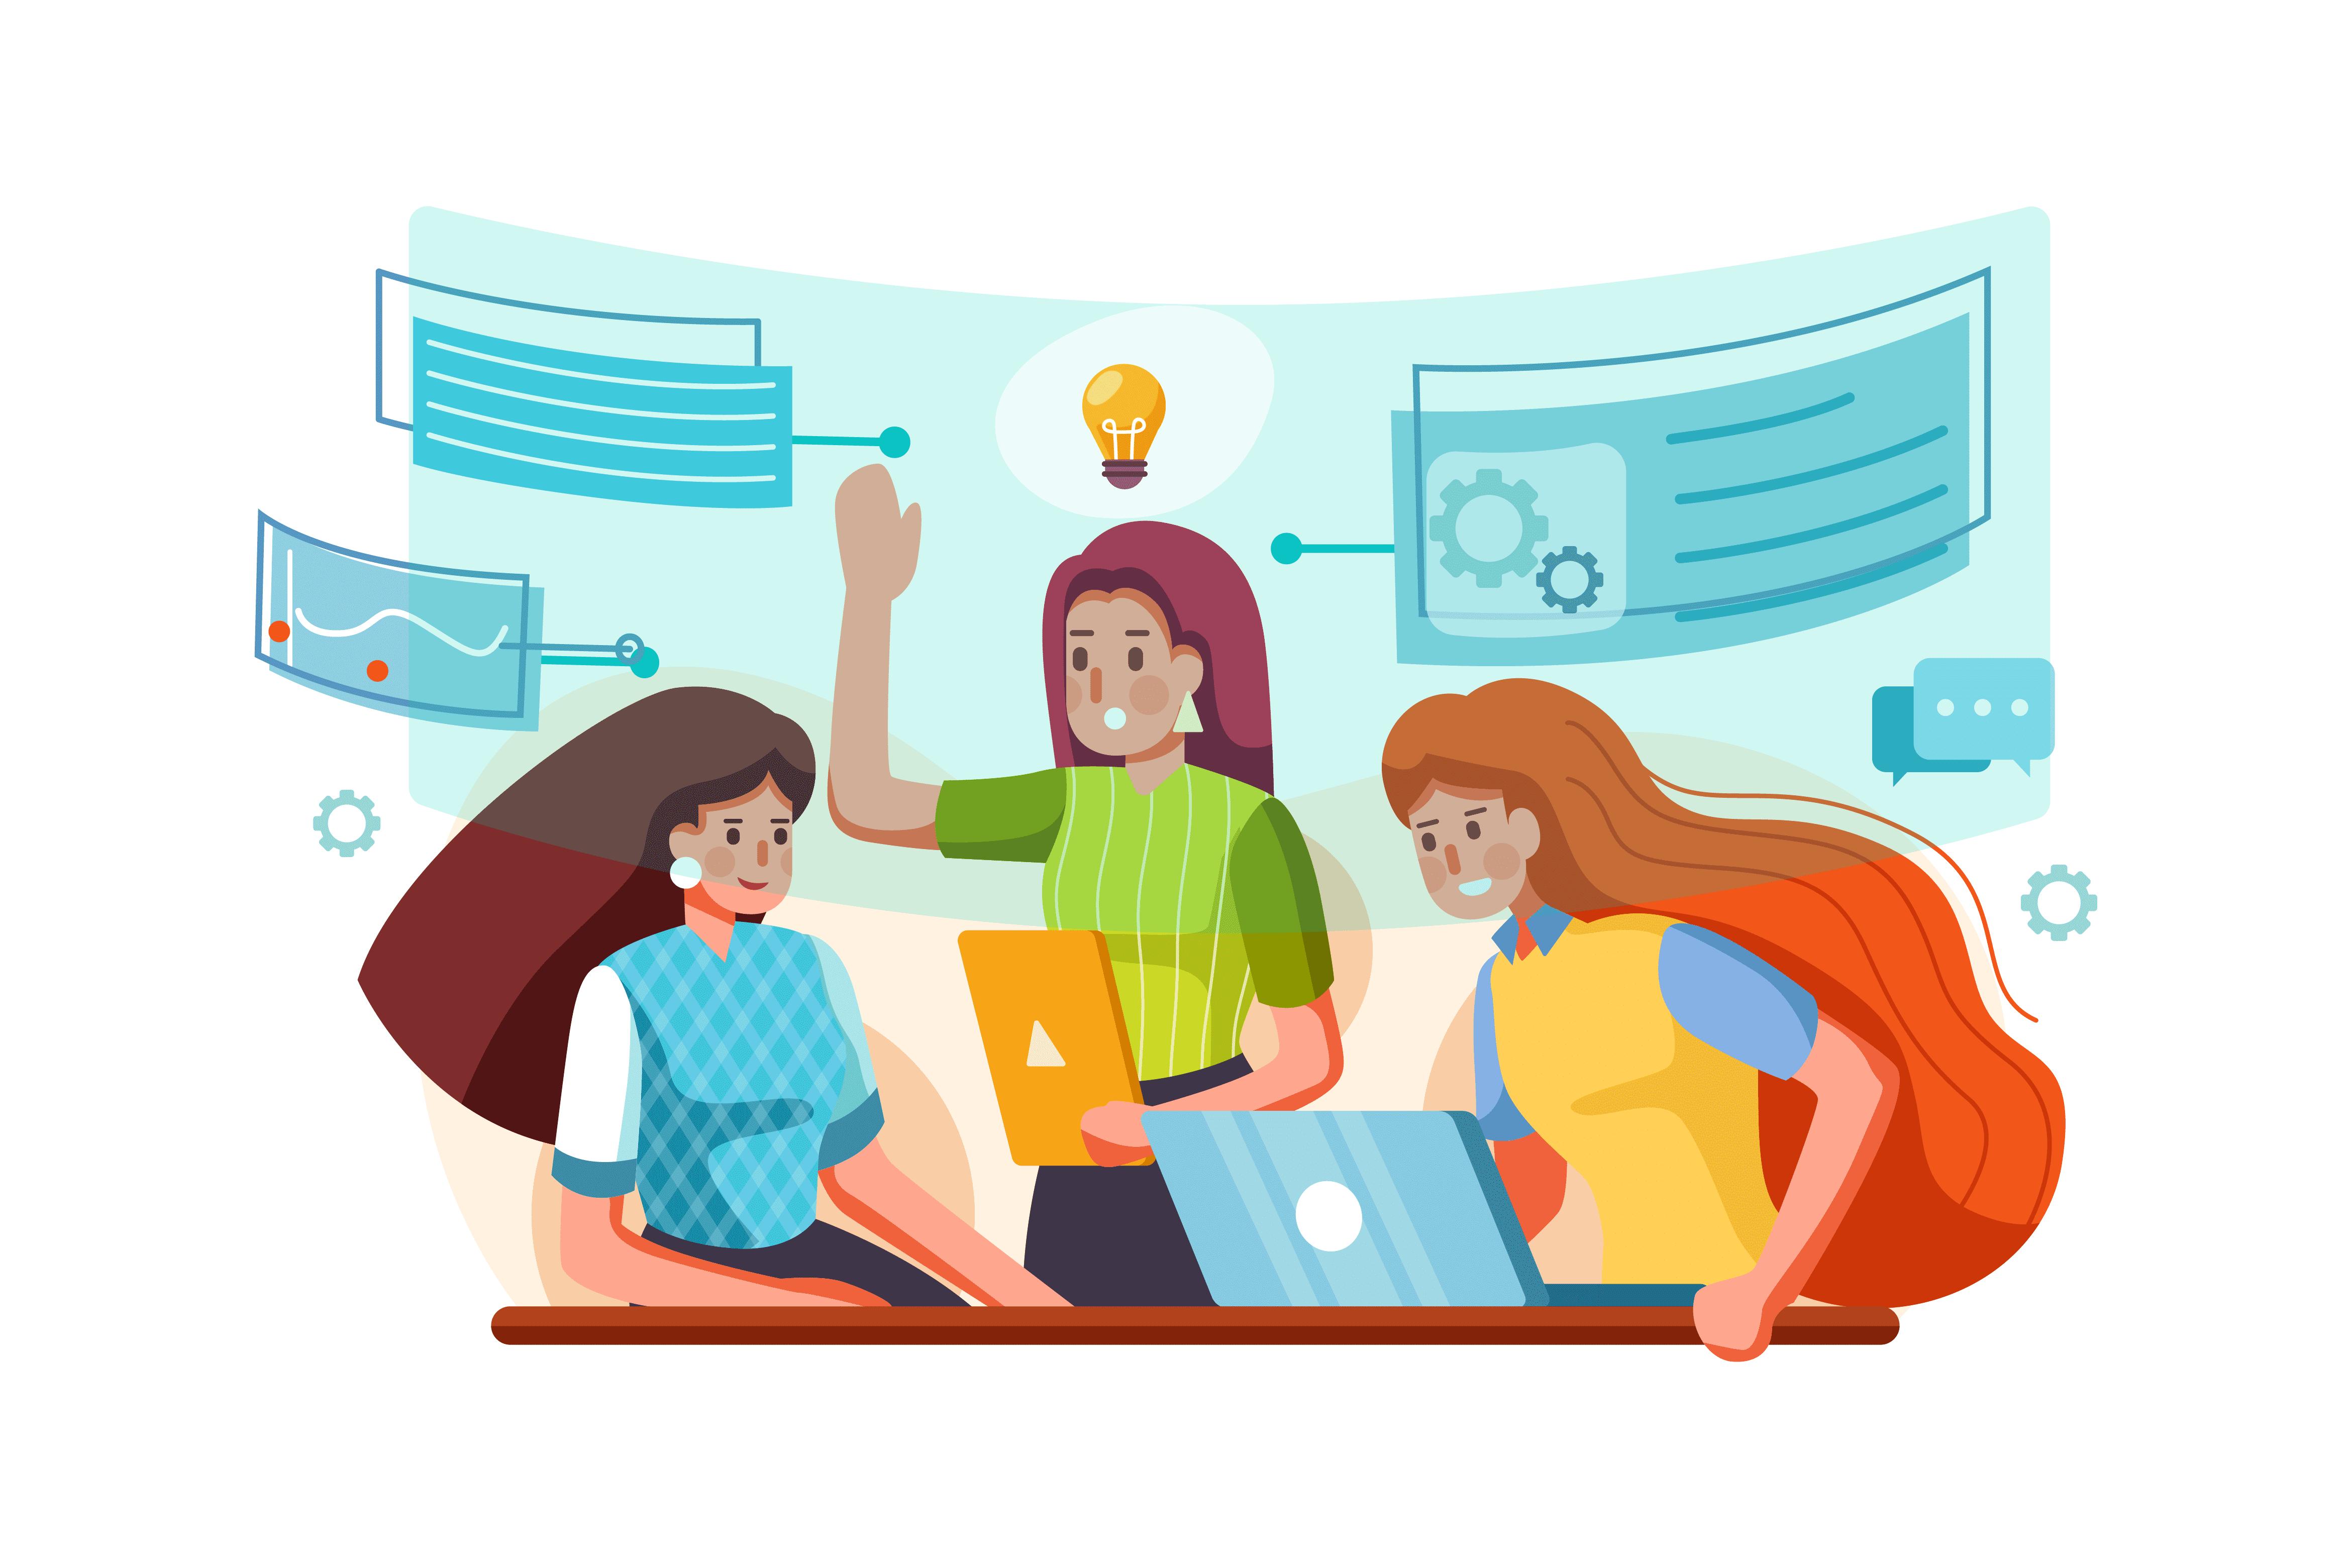 Como o Scrum pode ajudar você e sua equipe